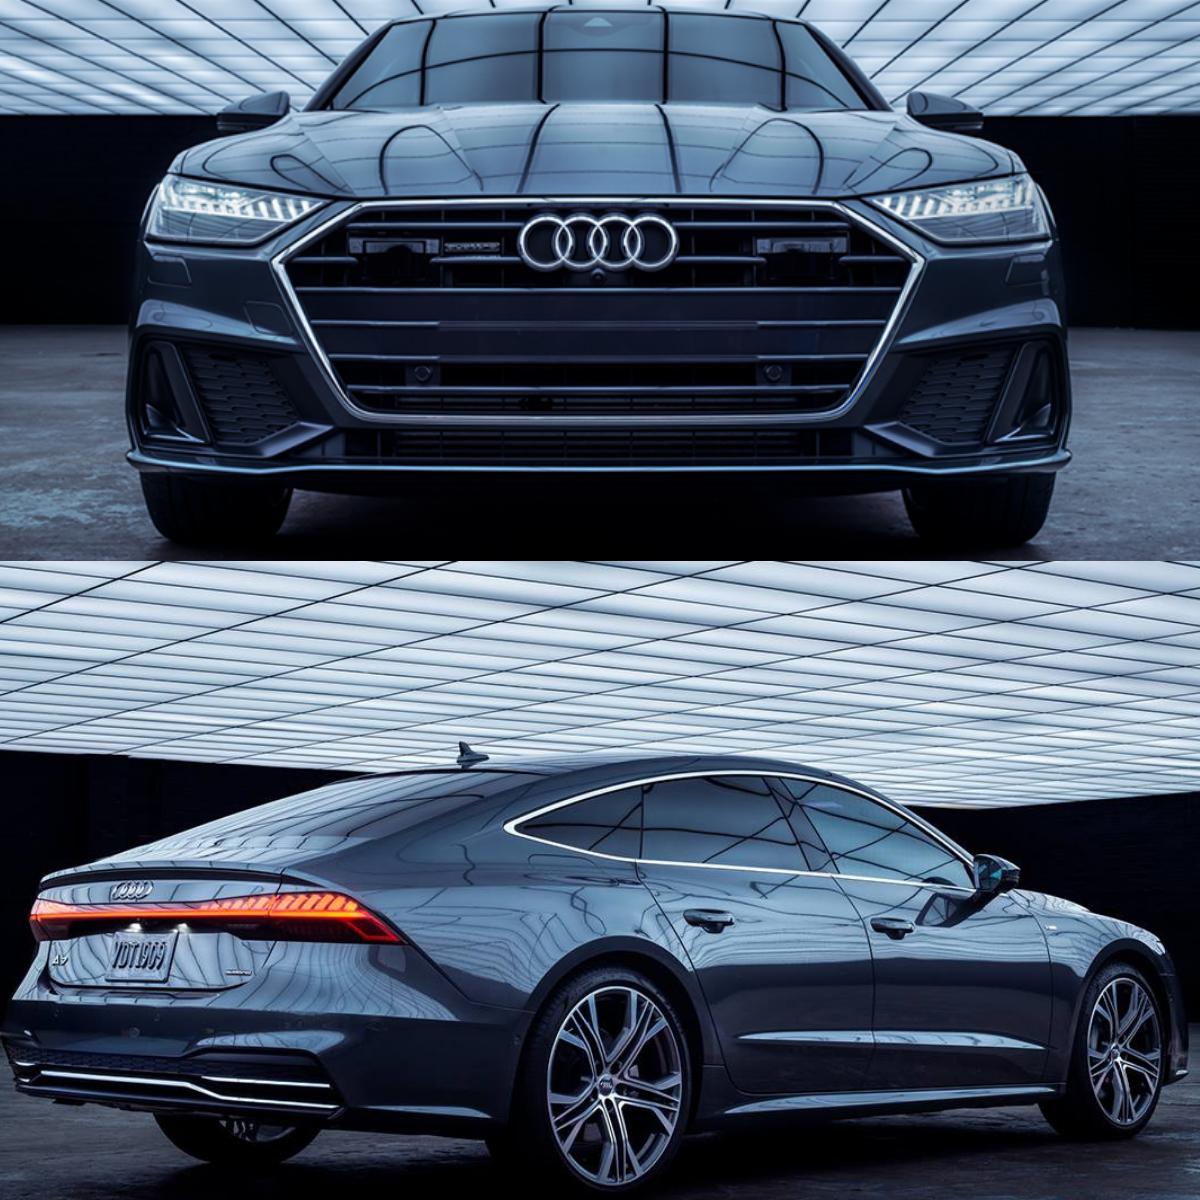 Audi Cars In India In 2020 Dream Cars Audi Audi Cars Audi A7